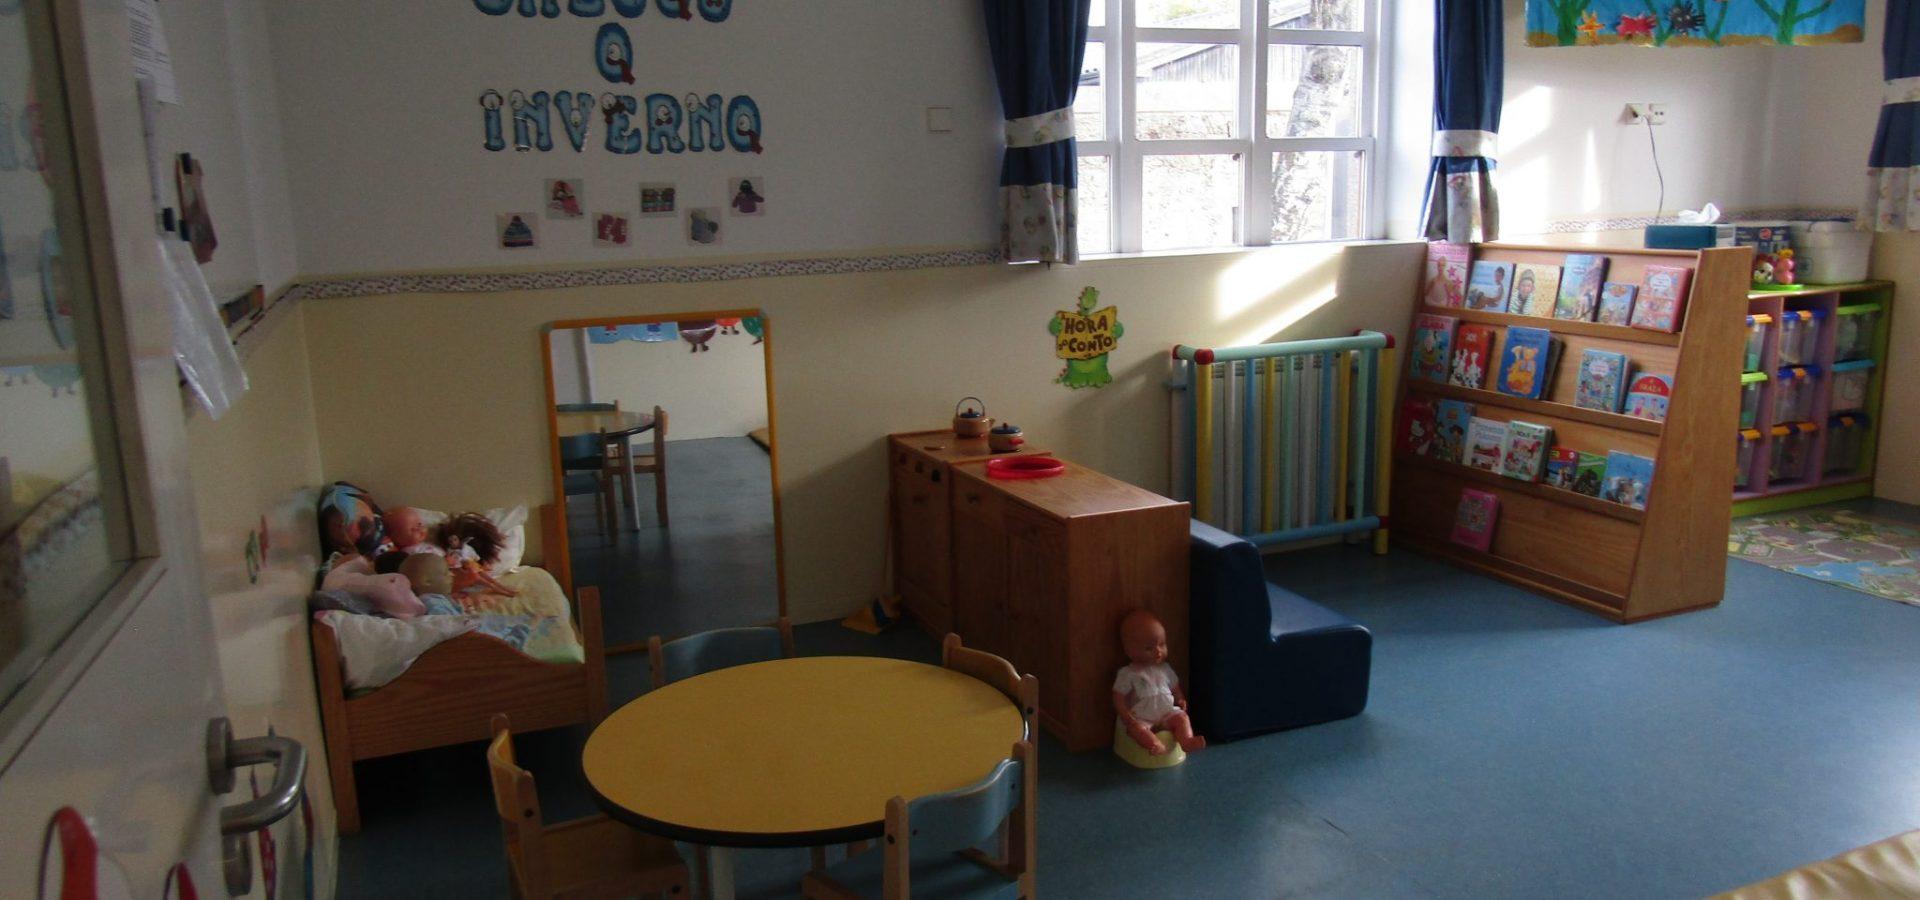 Sala de 2 anos da Creche